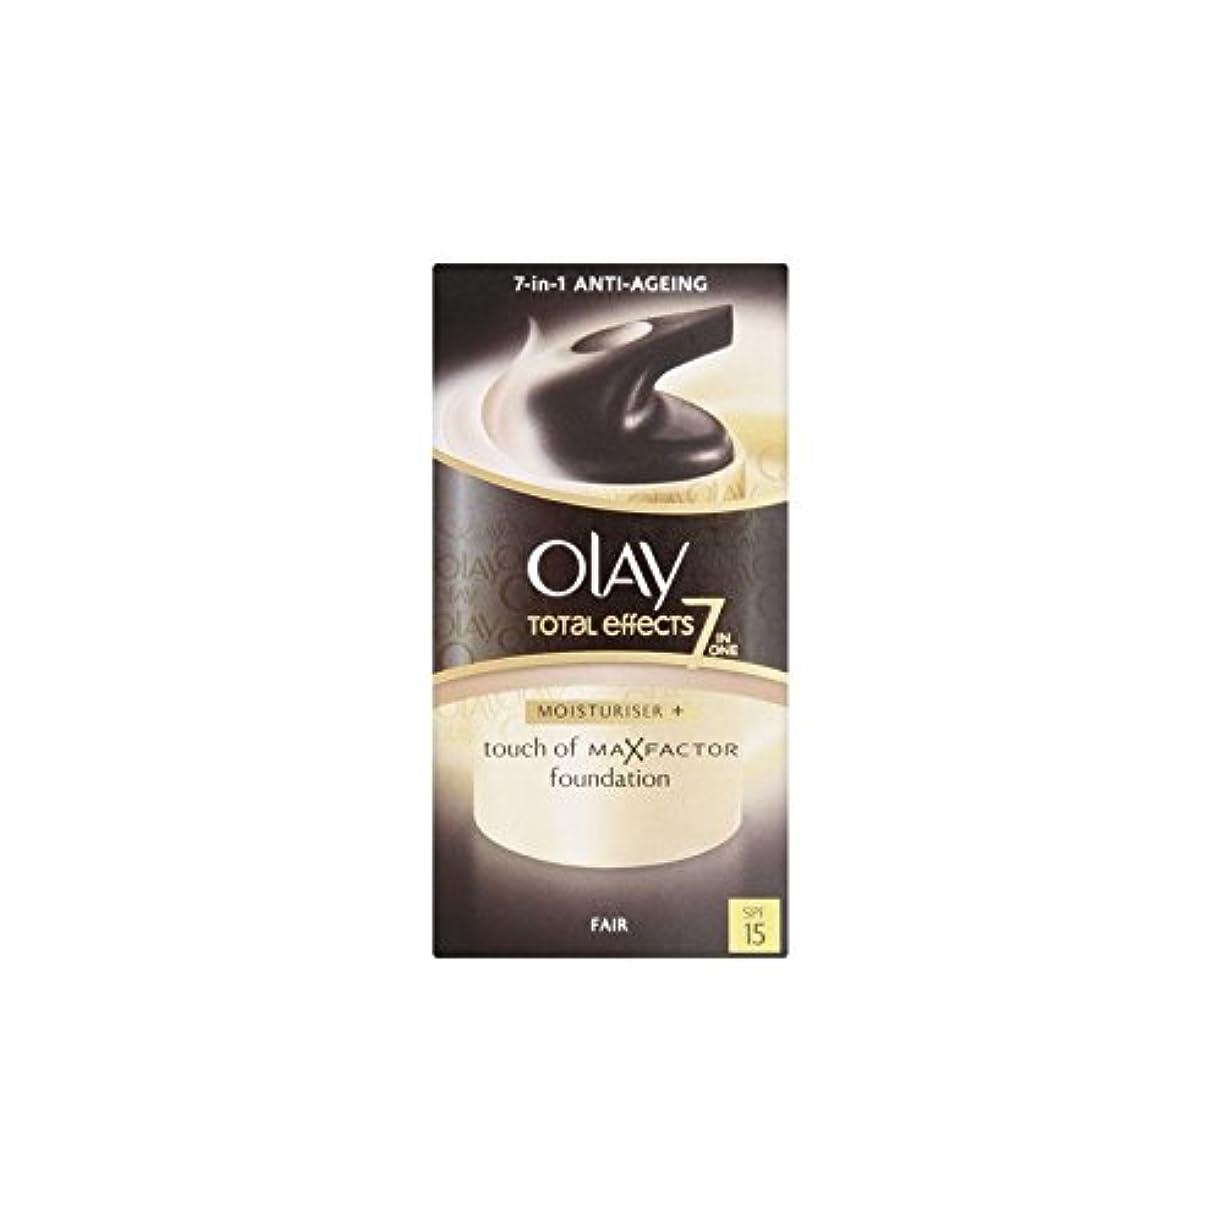 奴隷起きろ逆にオーレイトータルエフェクト保湿クリーム15 - フェア(50ミリリットル) x4 - Olay Total Effects Moisturiser Bb Cream Spf15 - Fair (50ml) (Pack of...